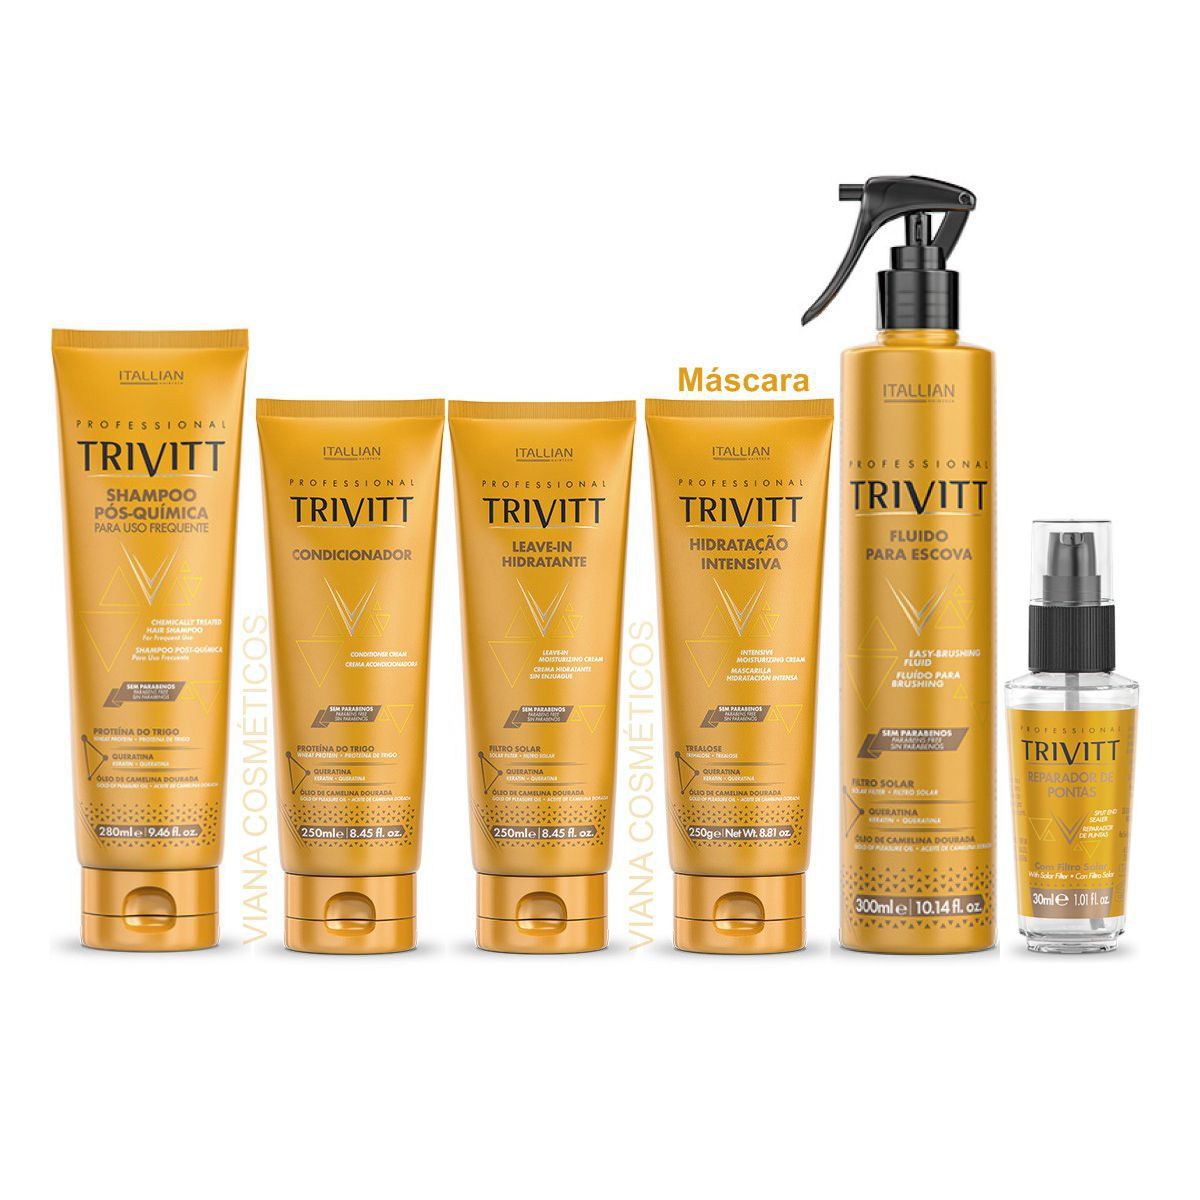 Kit Hidratação Profissional Trivitt c/ Home Care Fluido e Reparador